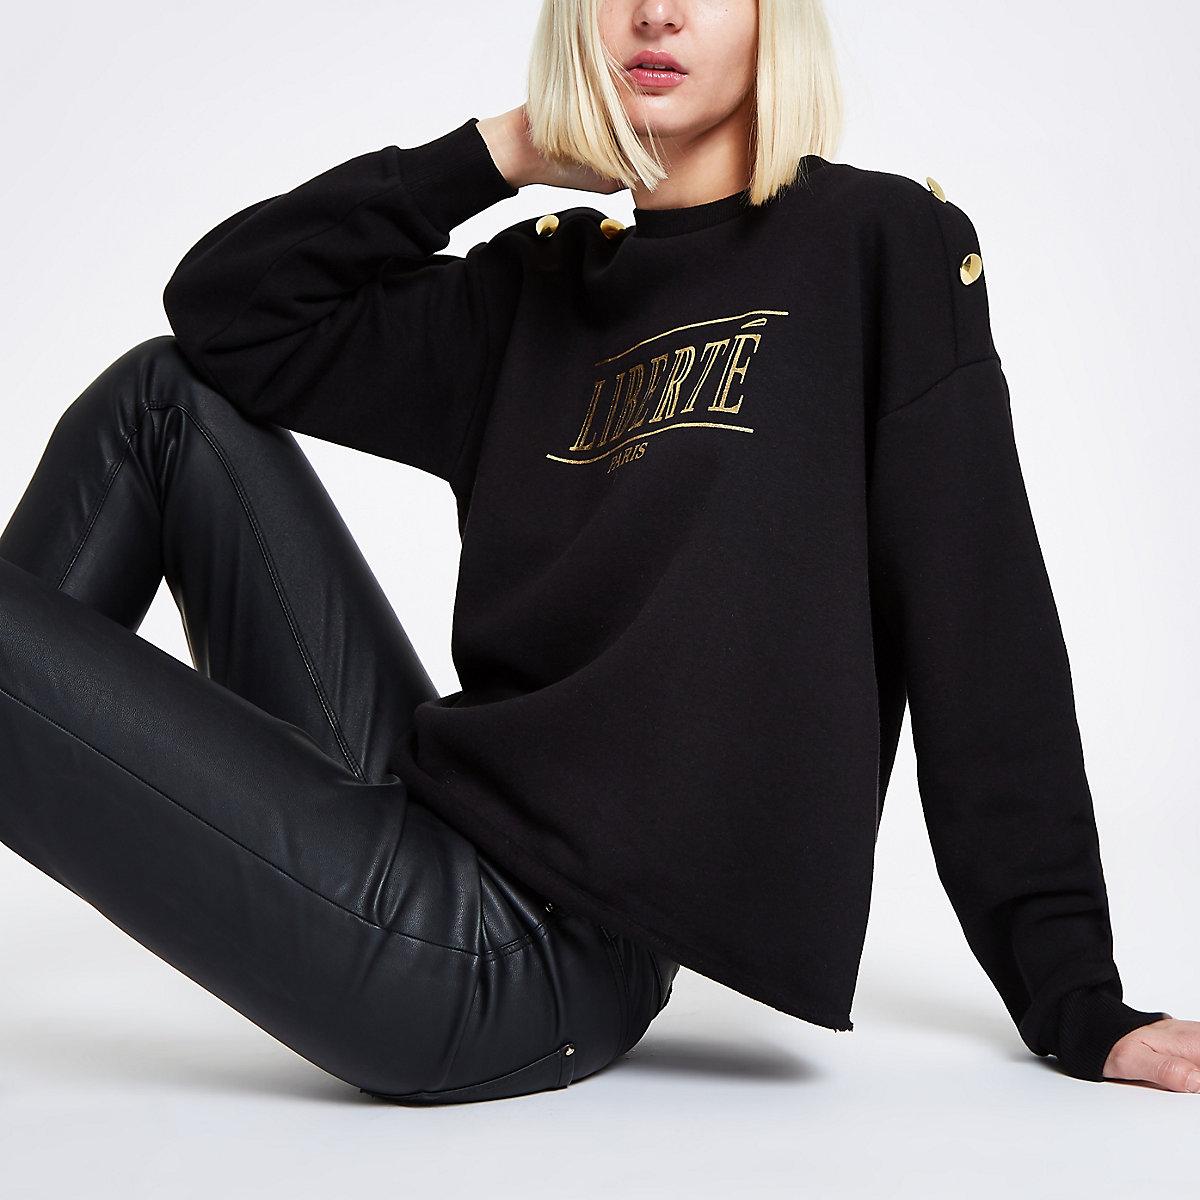 Zwart sweatshirt met 'Liberte'-print en knopen op de schouder